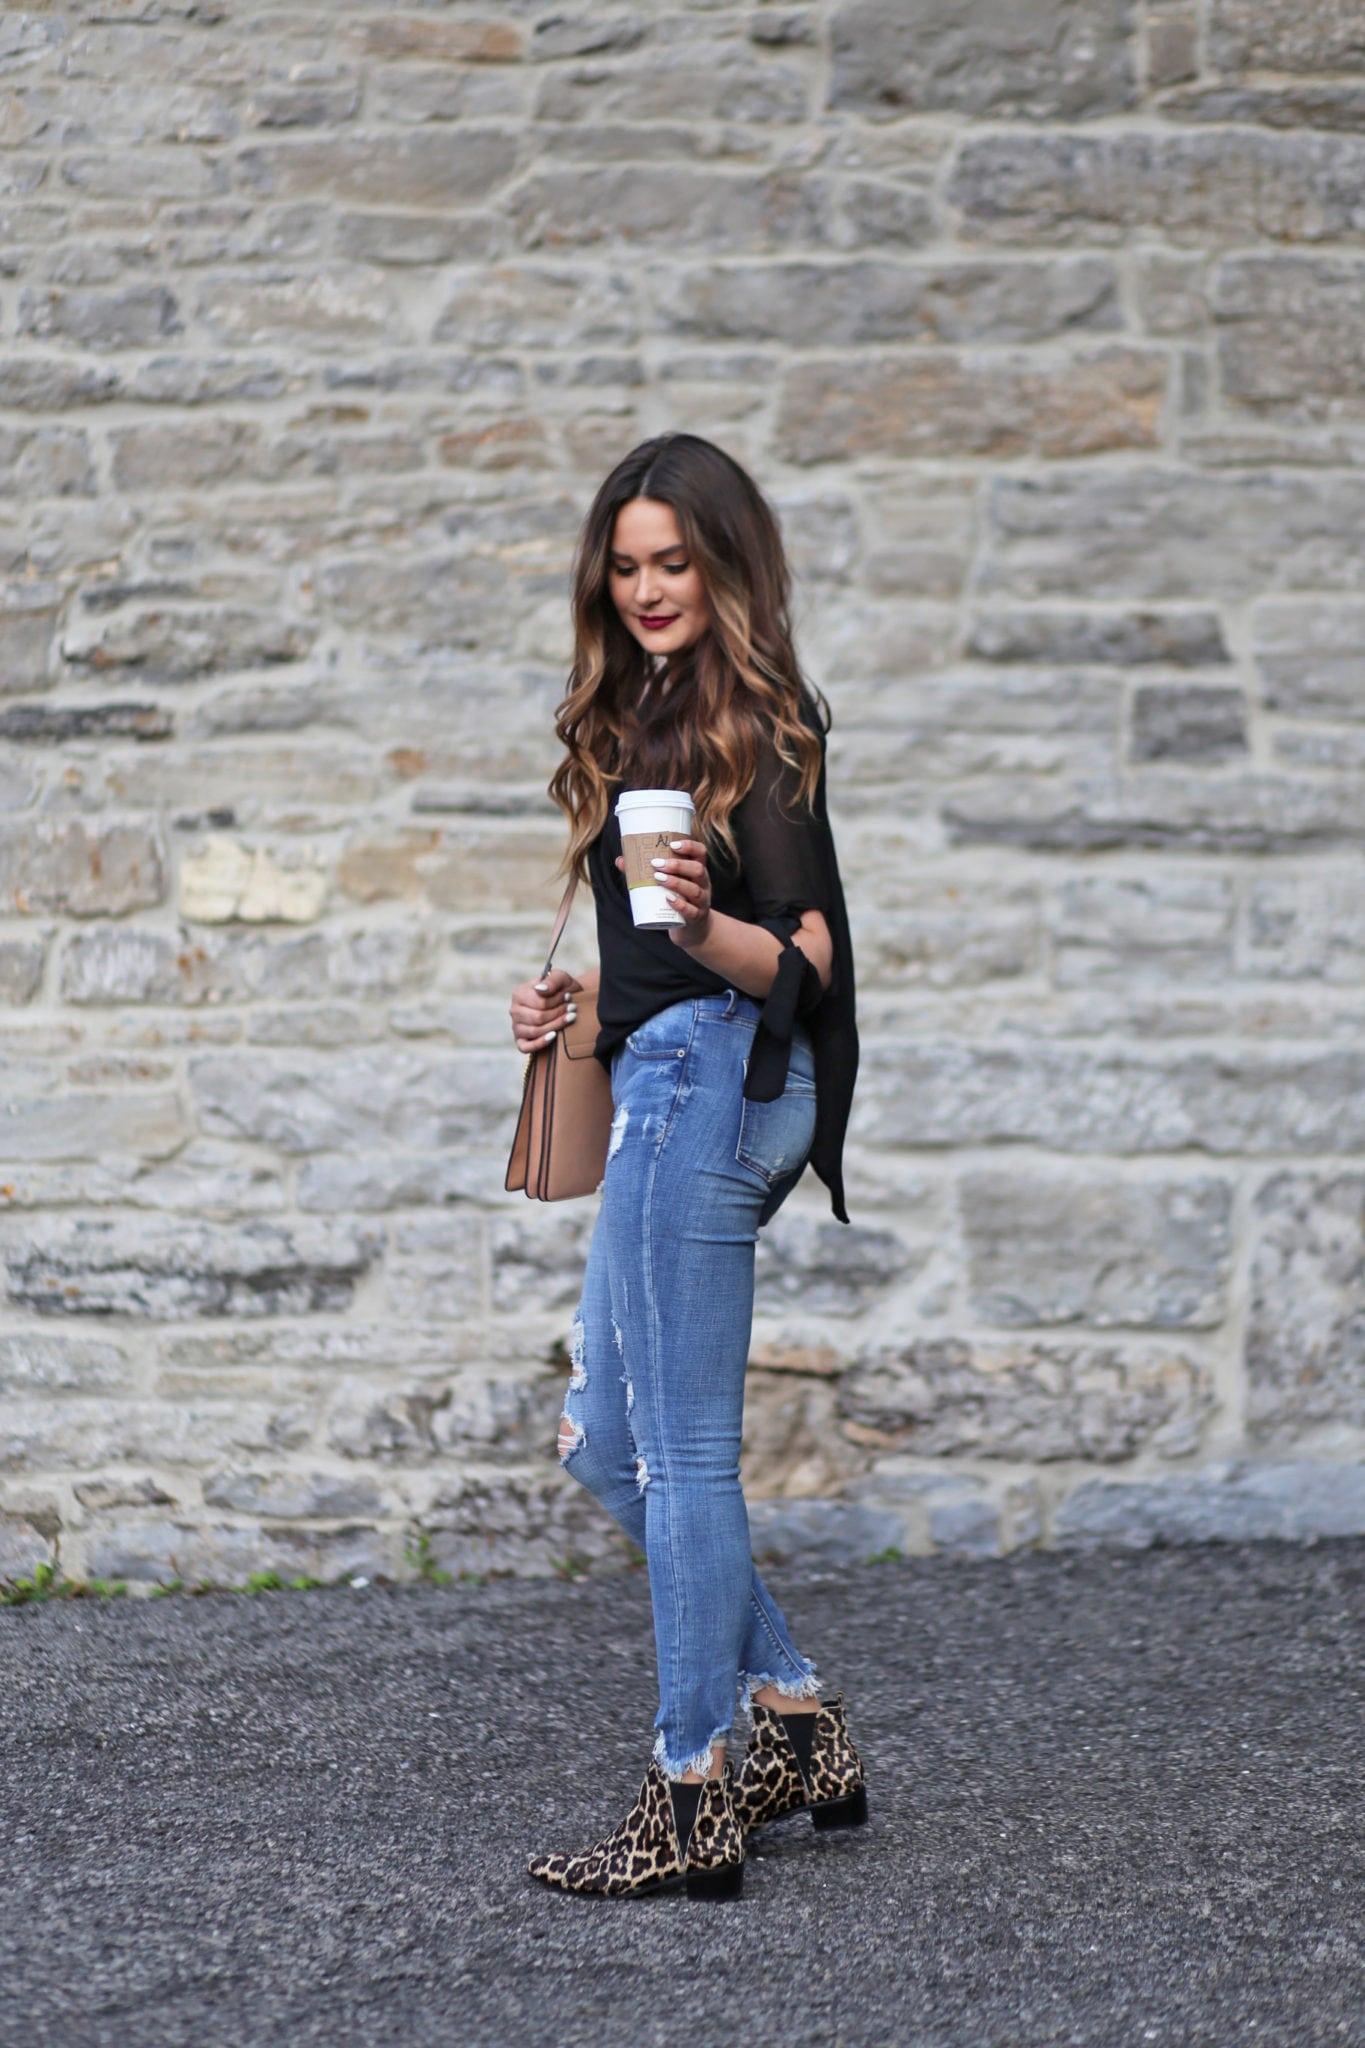 Leopard print boots | beauty blogger Mash Elle | leopard print | fall fashion | leopard print style | print